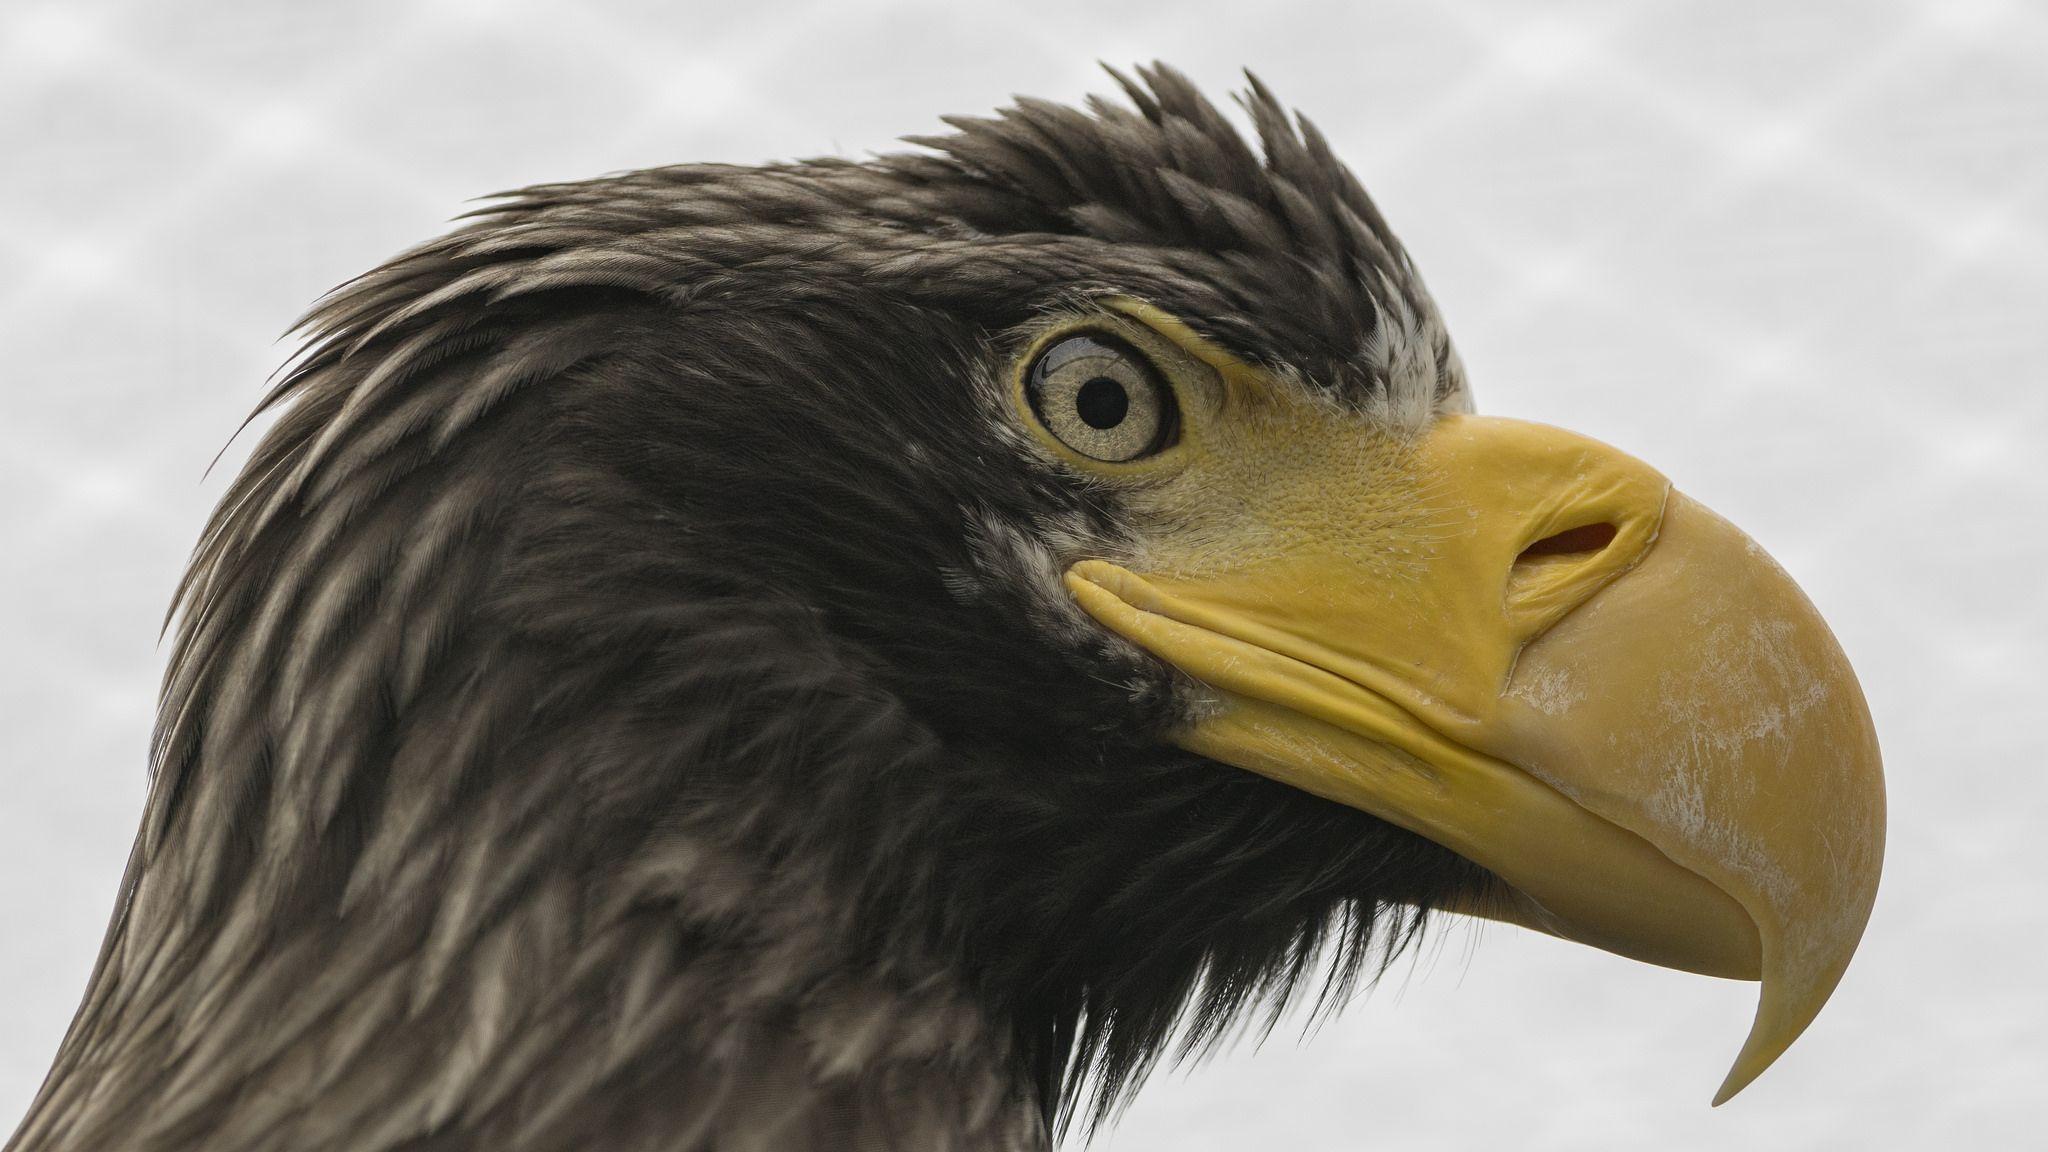 https://flic.kr/p/HSKpKM   Riesenseeadler   Der Riesenseeadler (Haliaeetus pelagicus) ist ein Greifvogel aus der Gattung der Seeadler. Er ist der größte Seeadler und gekennzeichnet durch schwarz-weißes Gefieder, den außerordentlich großen und kräftigen orangegelben Schnabel sowie seine paddelförmigen Flügel. Riesenseeadler leben an Flüssen und Küsten des pazifiknahen Russland. Je nach geographischer Lage sind sie Standvögel oder Zugvögel, die wichtigsten Überwinterungsgebiete liegen in…